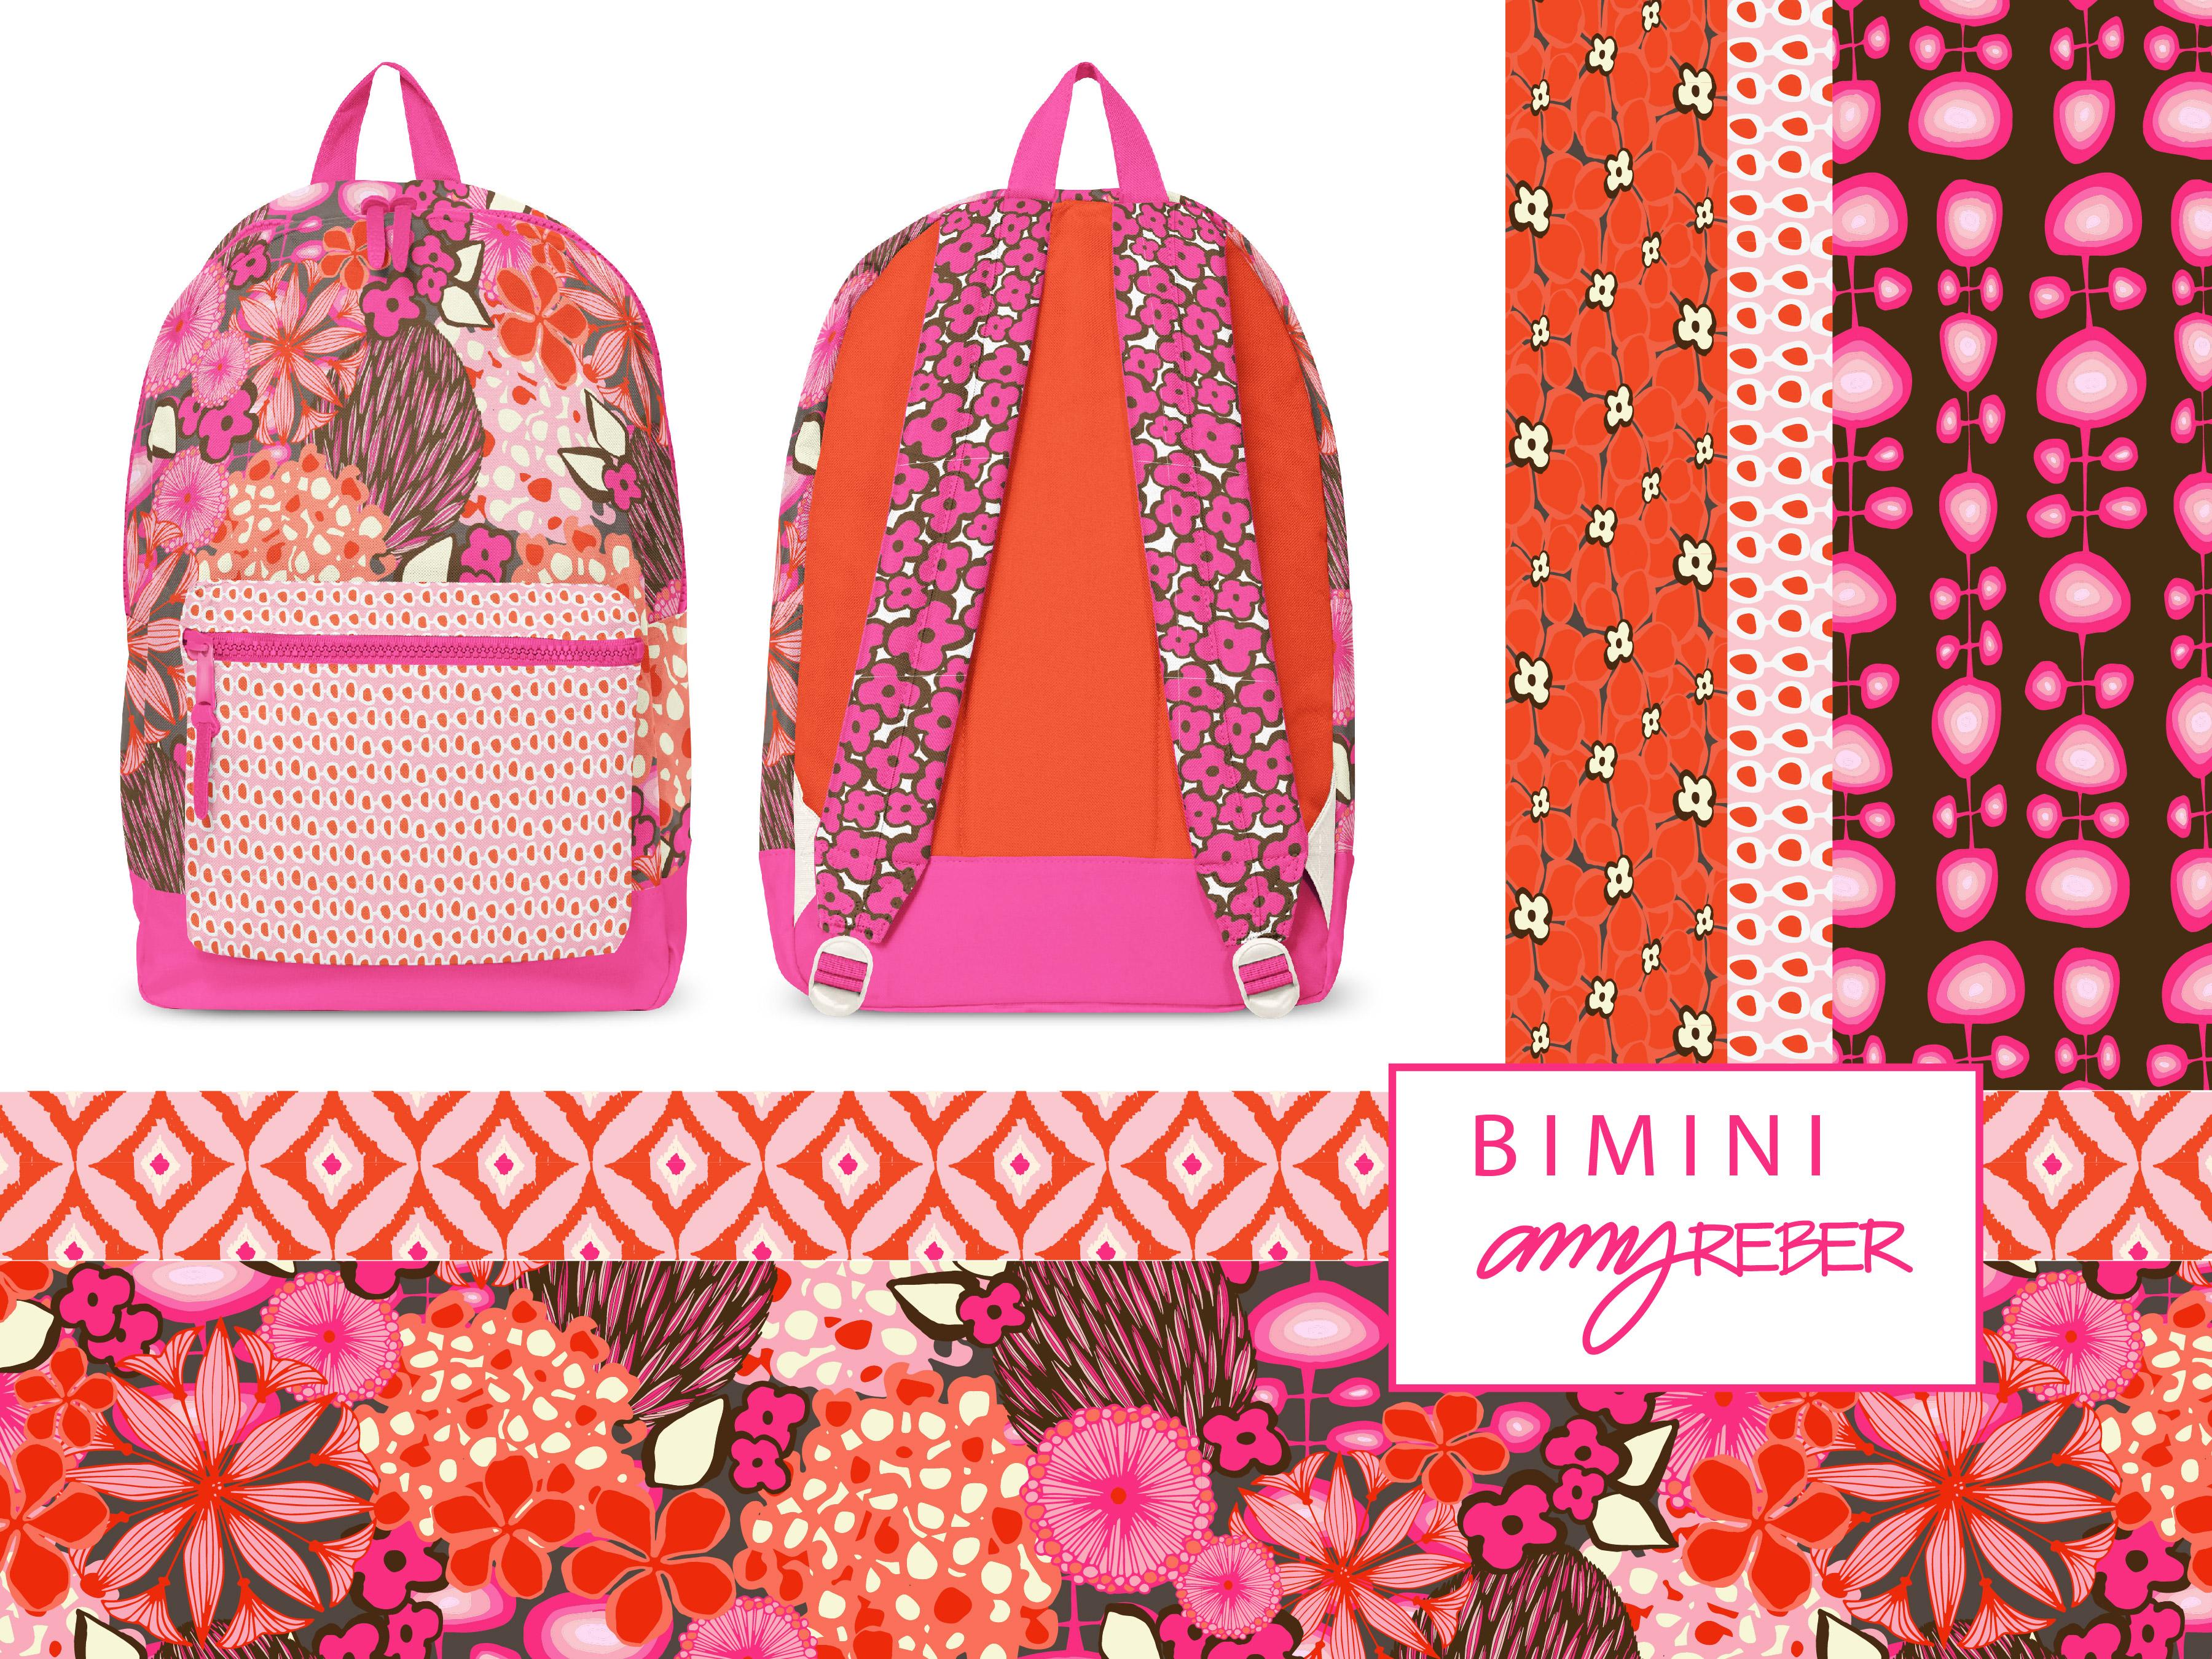 BIMINI BACKPACK-01-01